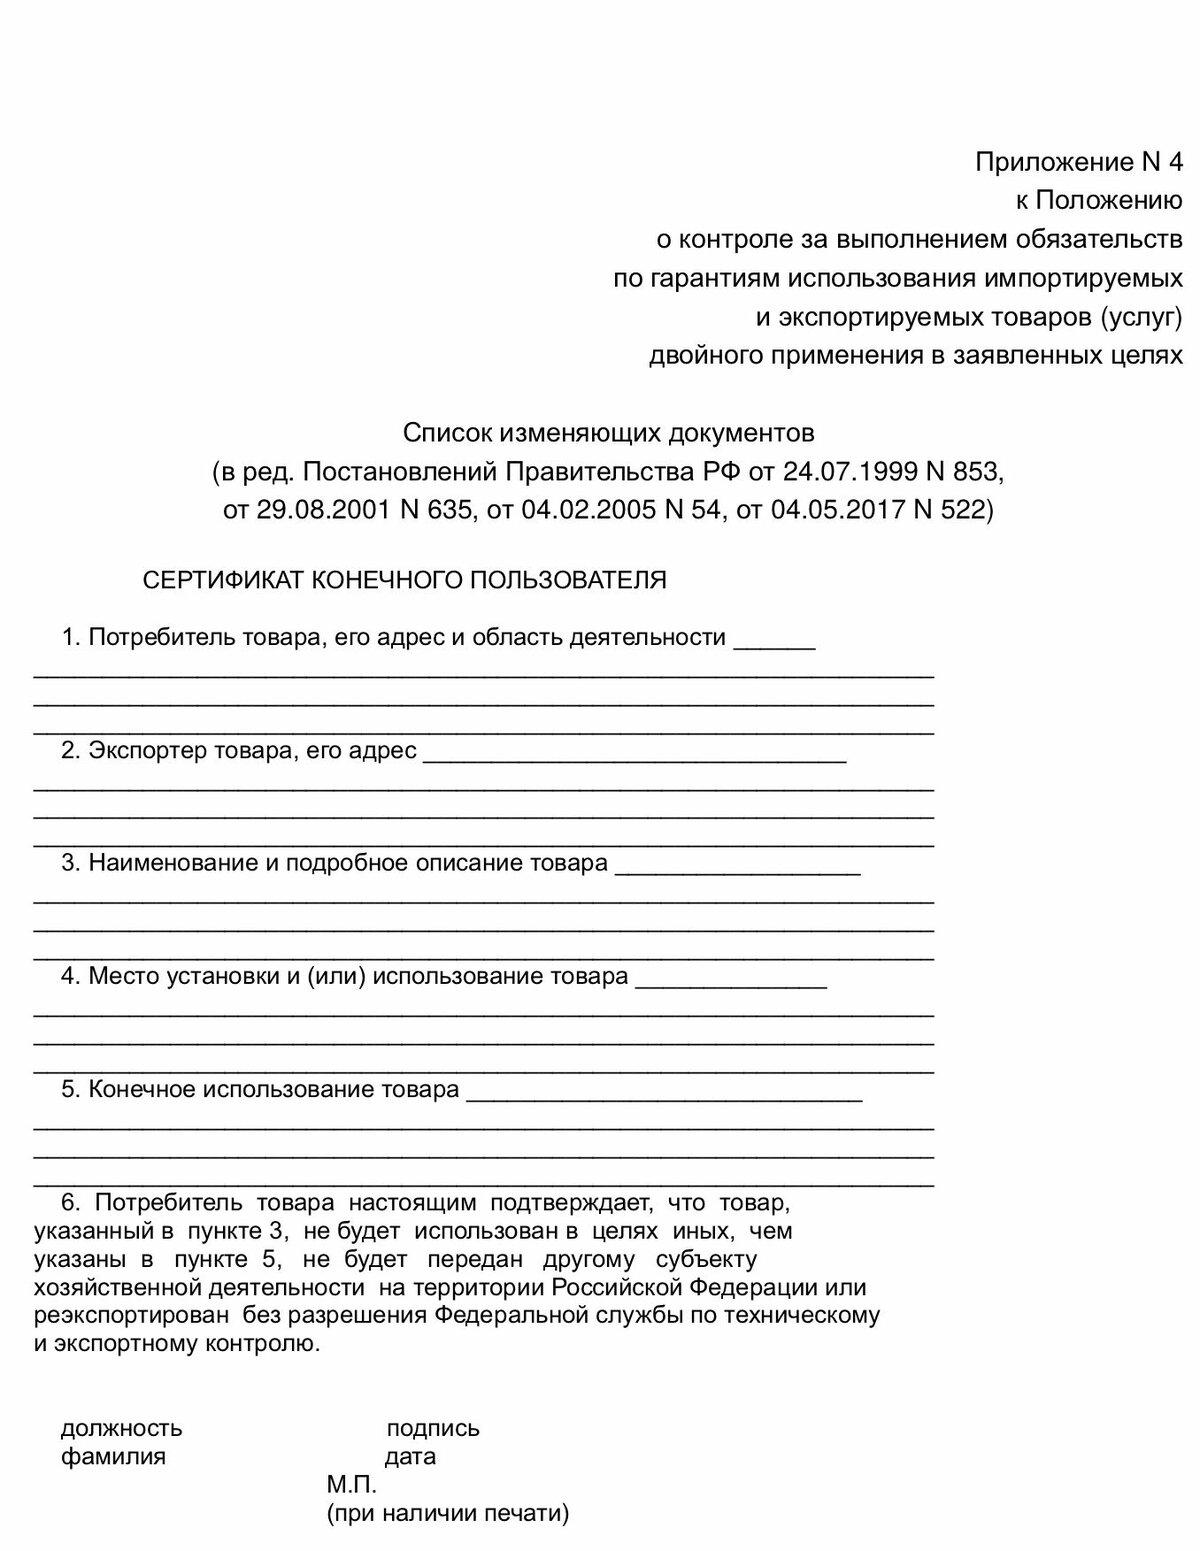 сертификат конечного потребителя